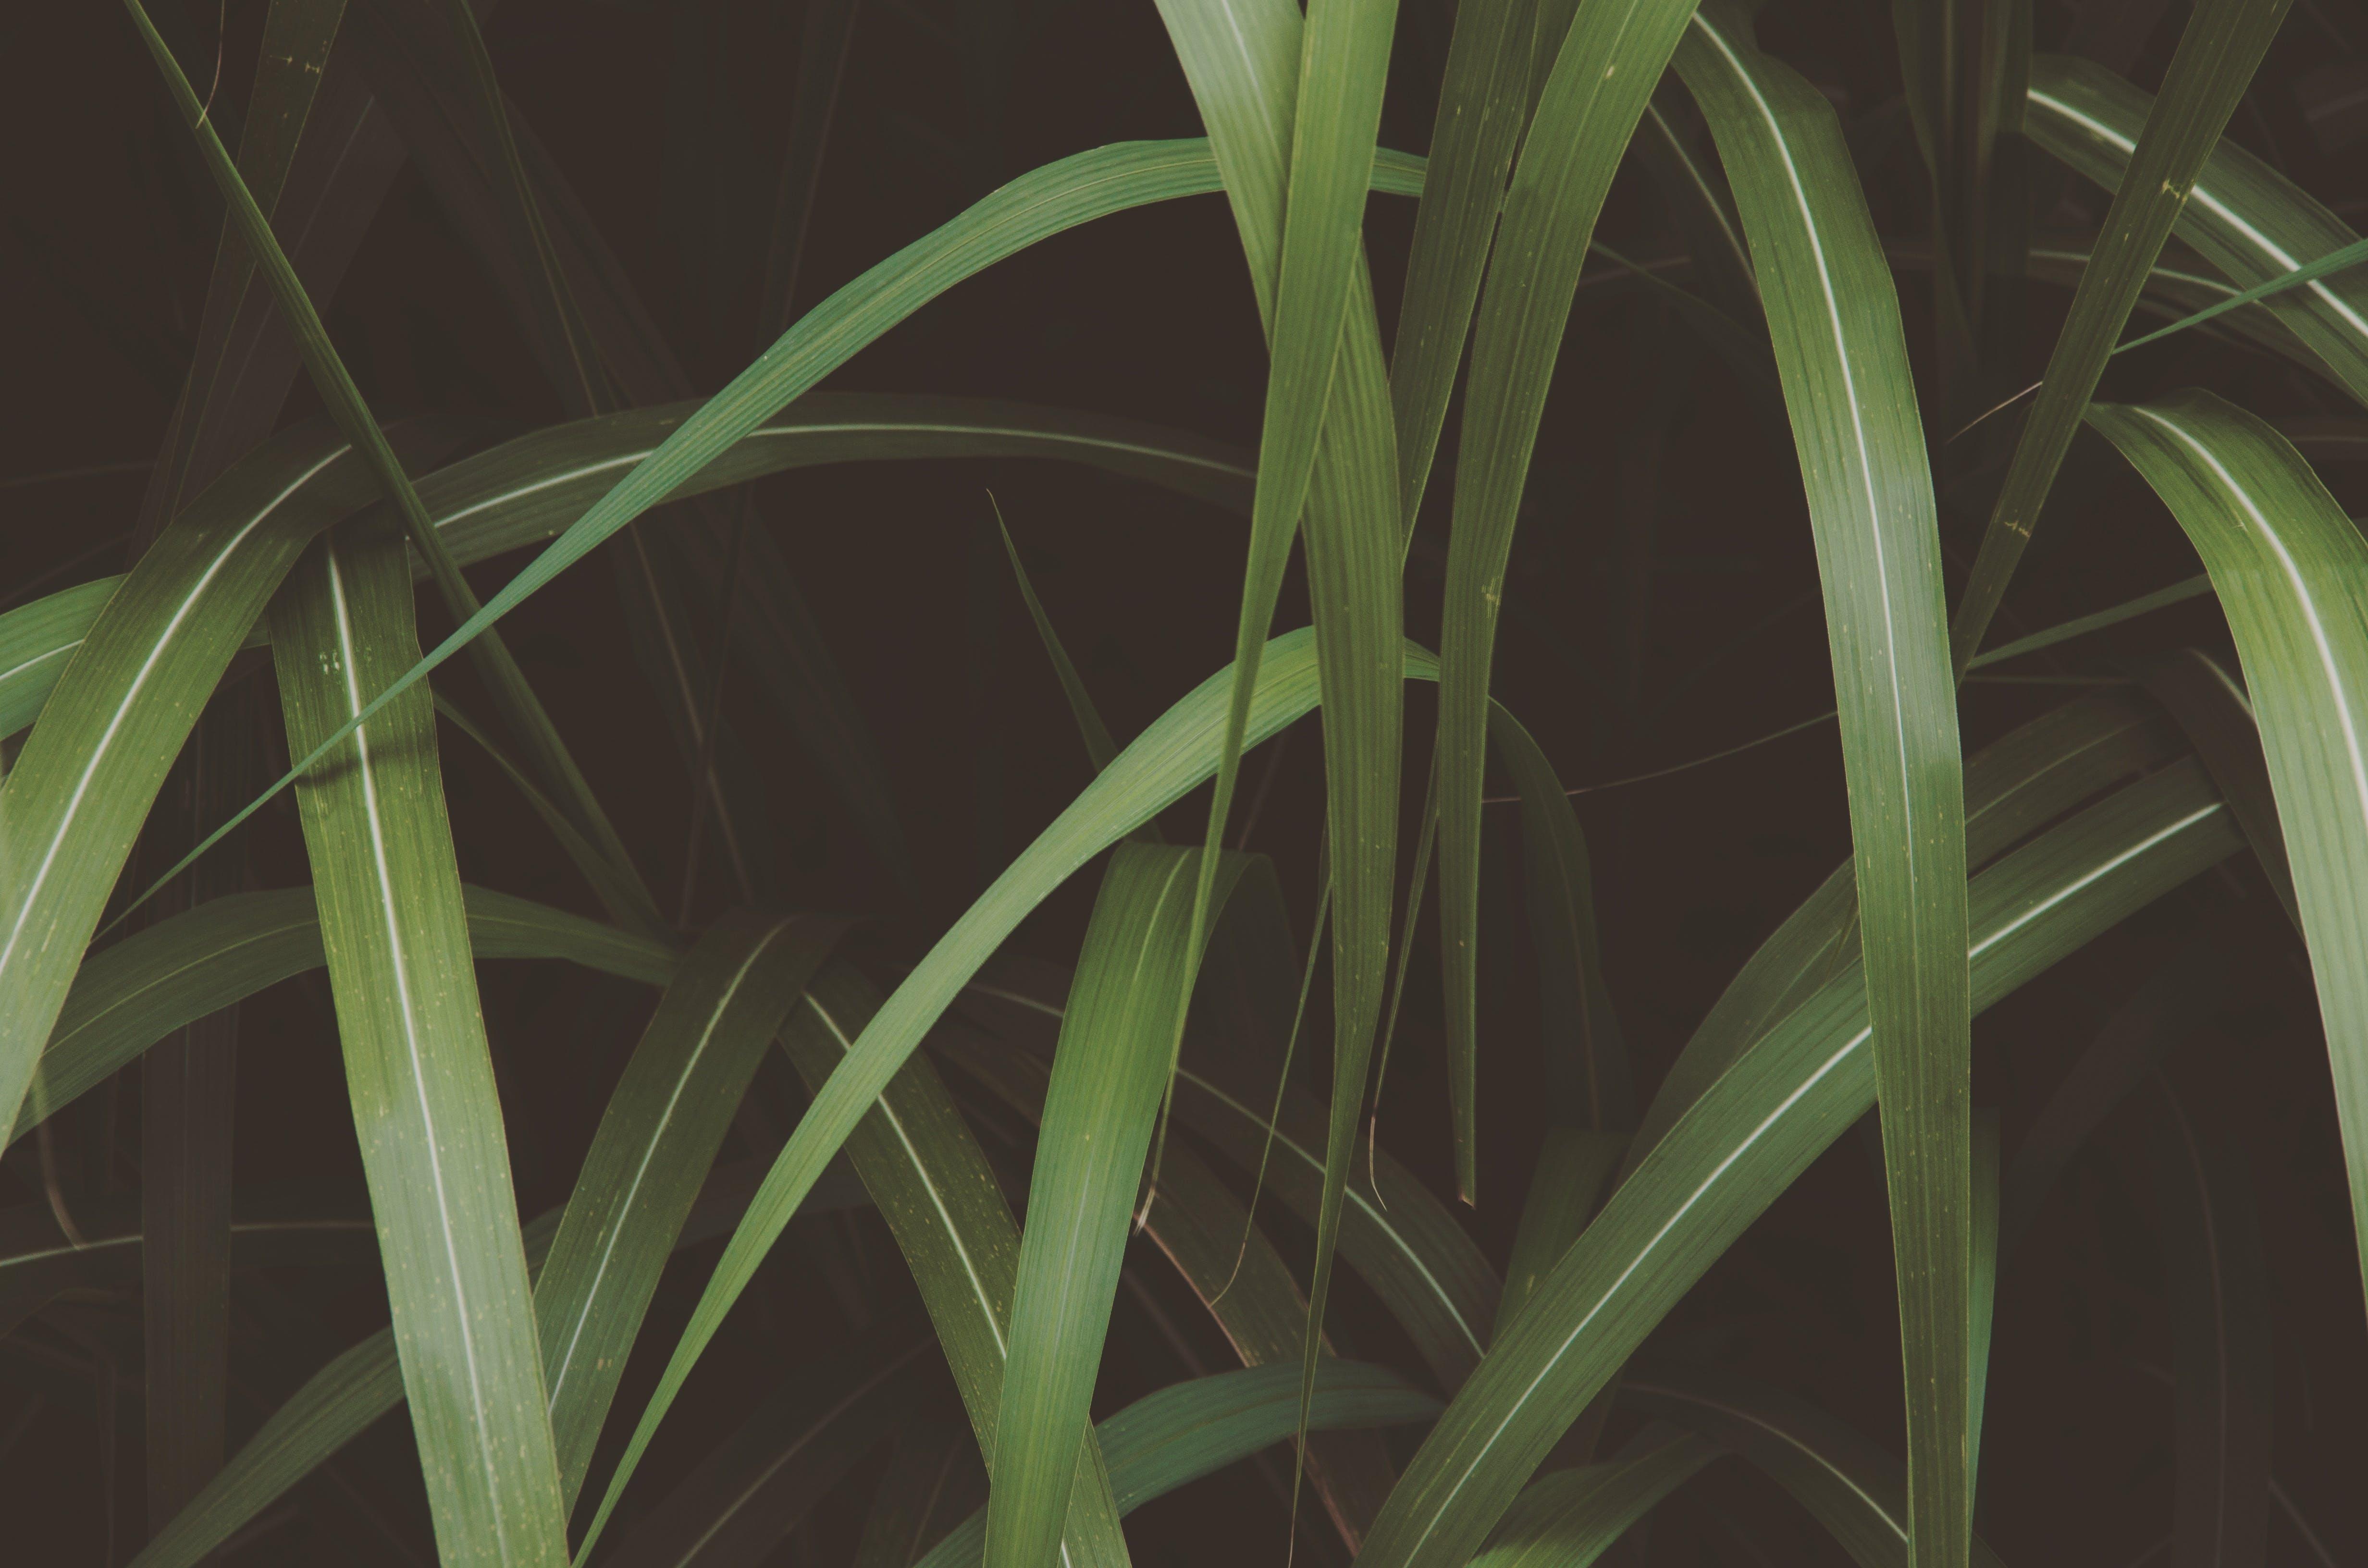 Kostnadsfri bild av gräs, grön, utomhusutmaning, växt